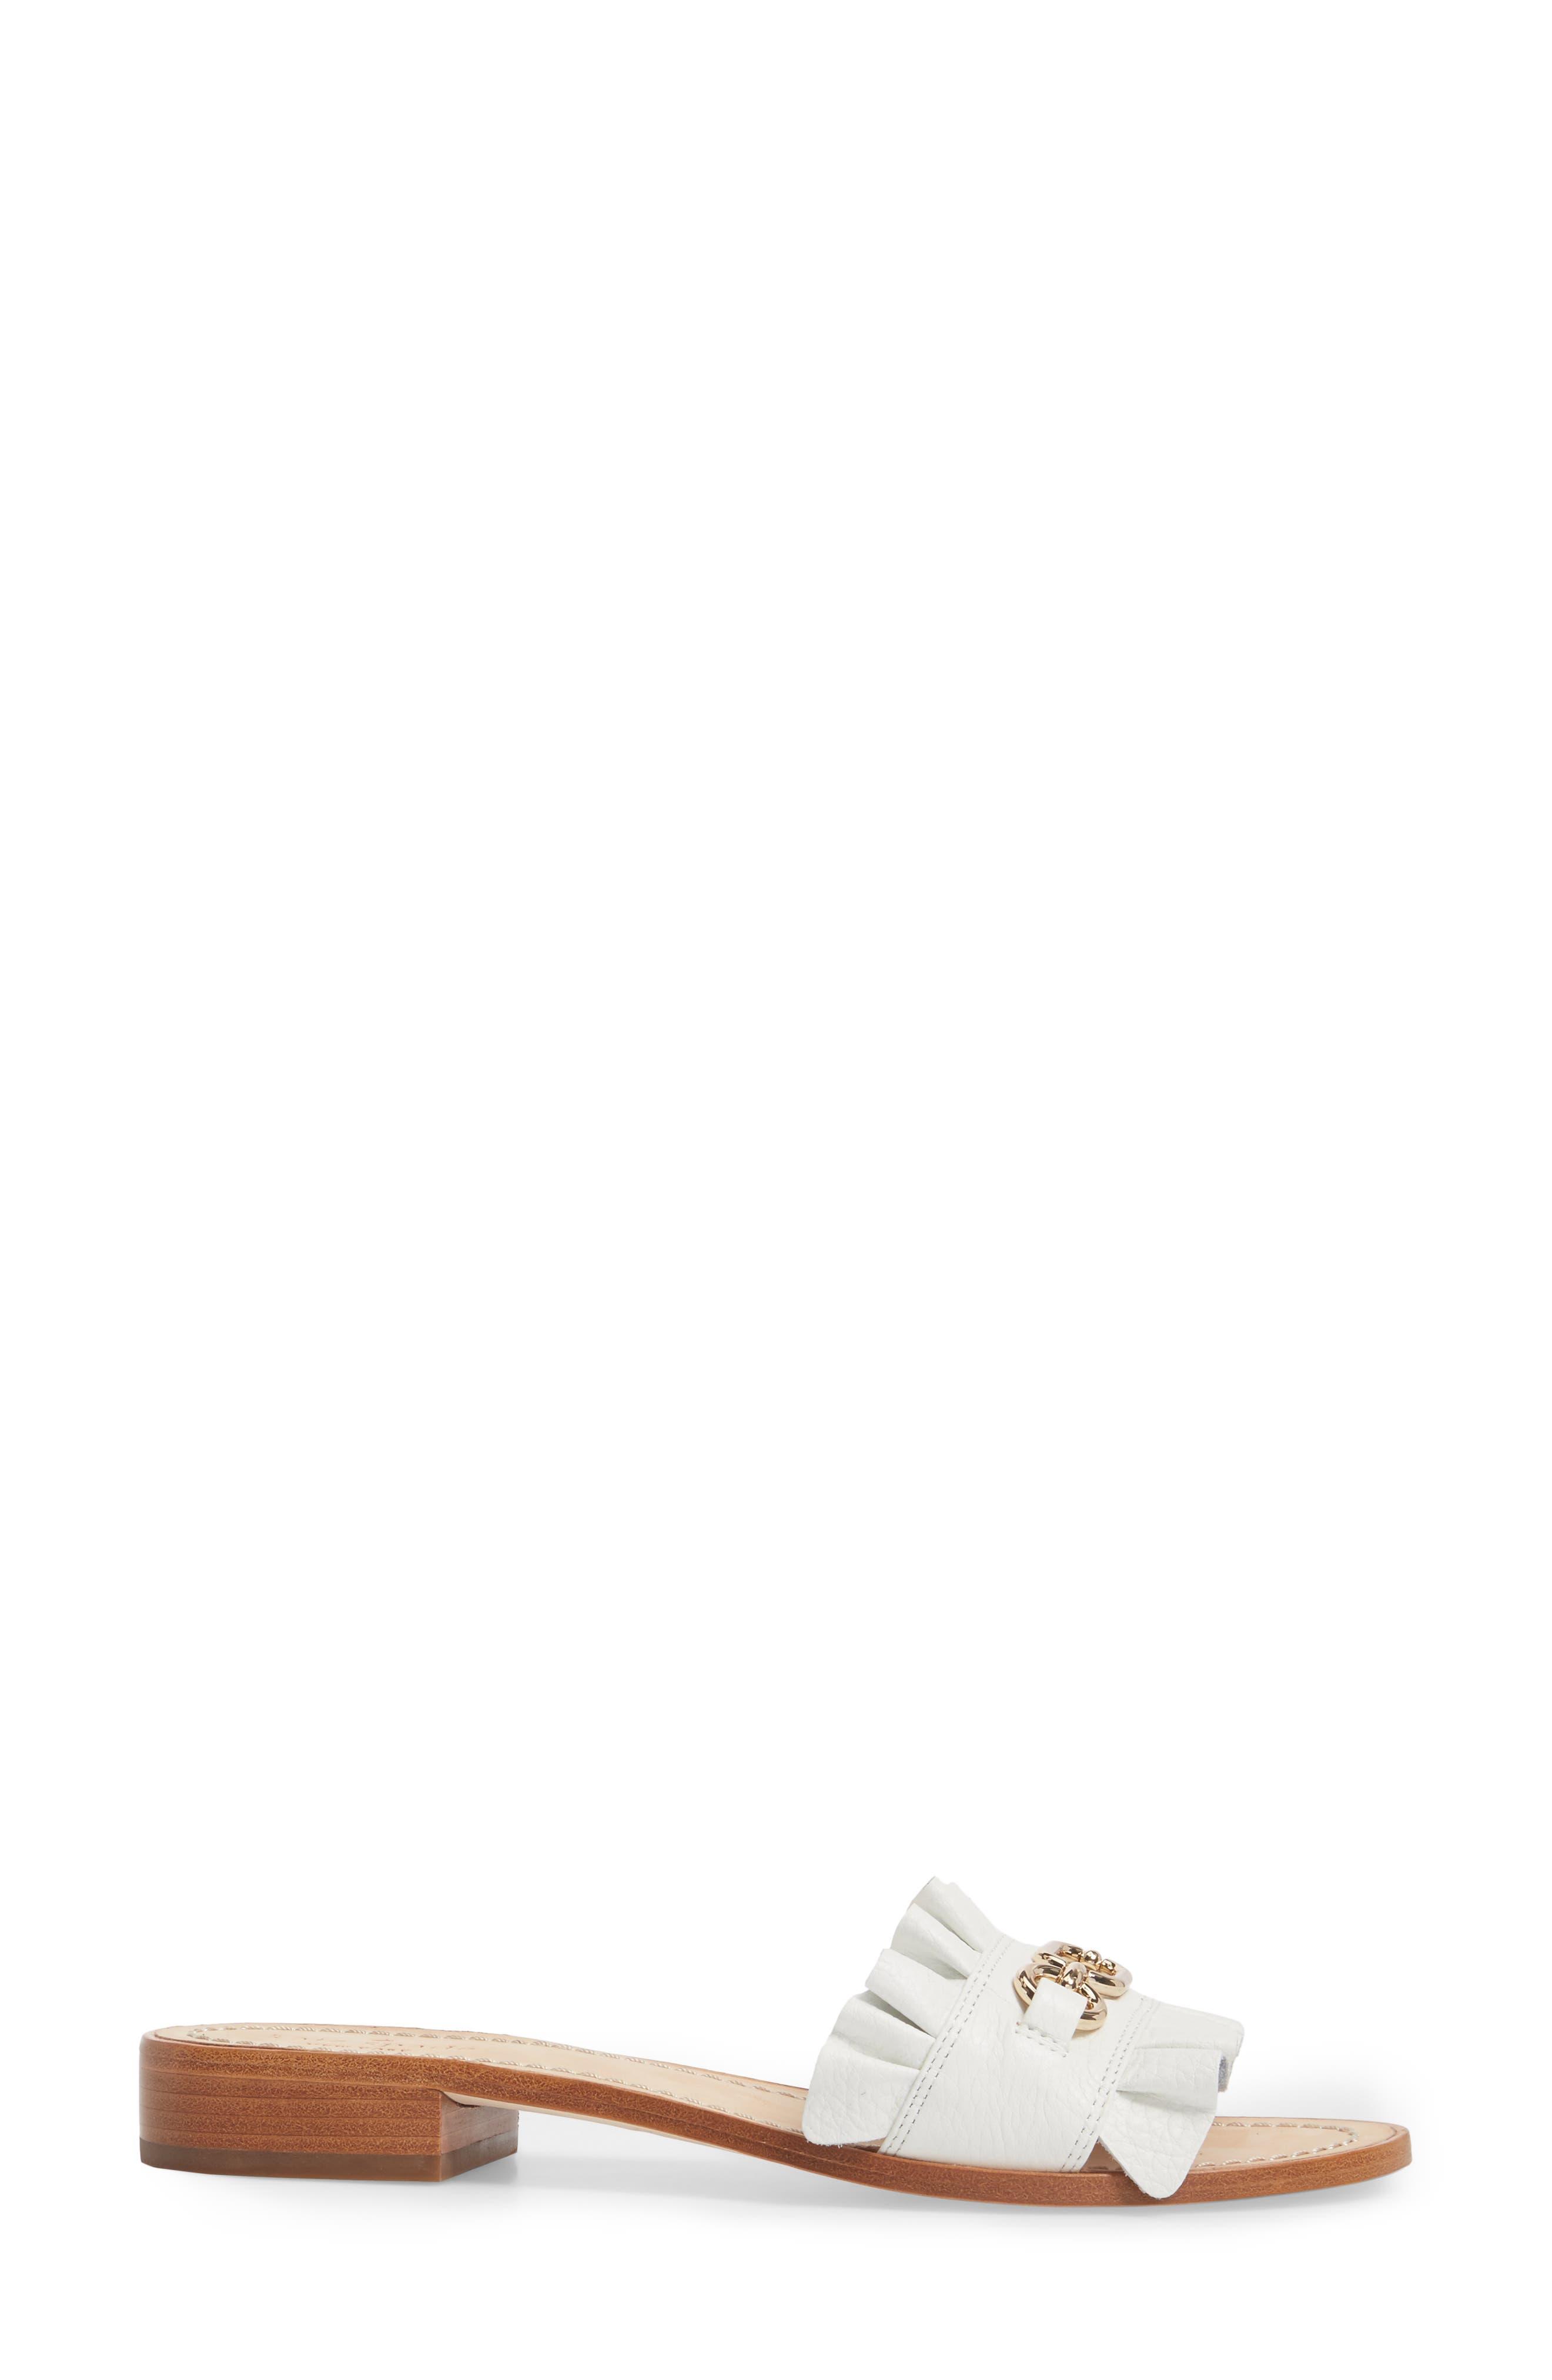 Alternate Image 3  - kate spade new york beau slide sandal (Women)